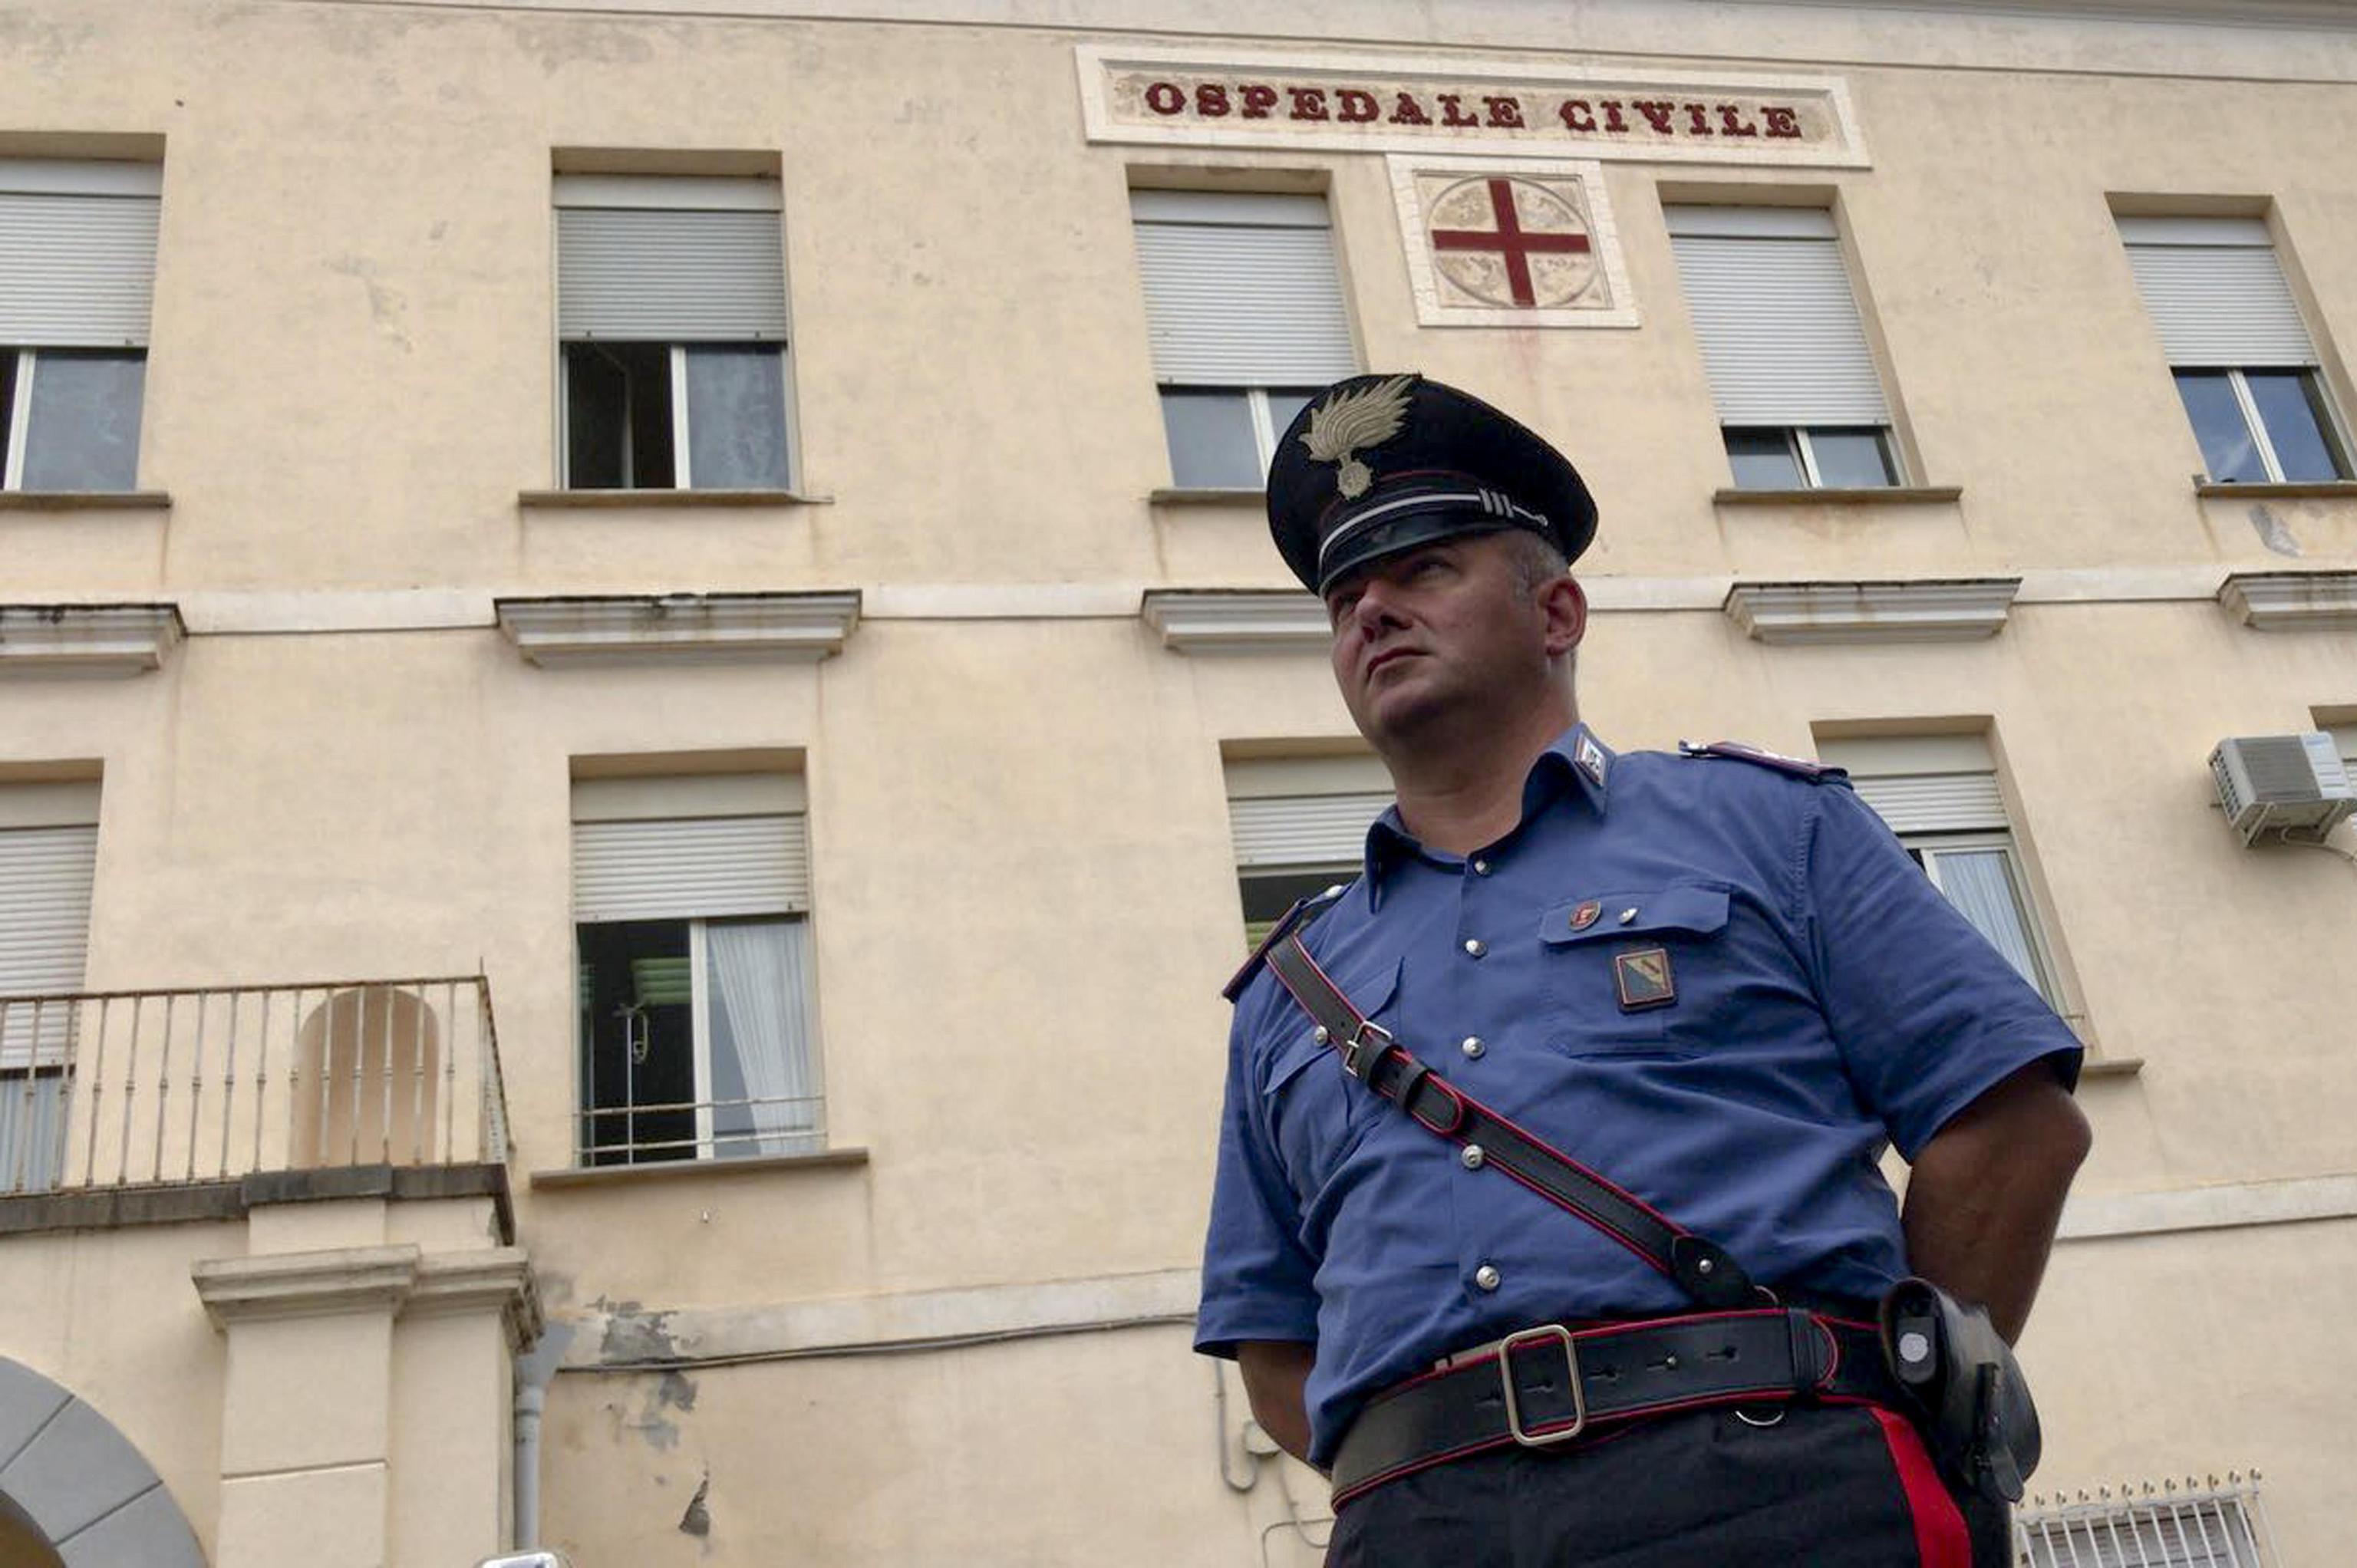 Era stato rilasciato dal Giudice l'immigrato che ha ucciso a pugni un paziente in ospedale